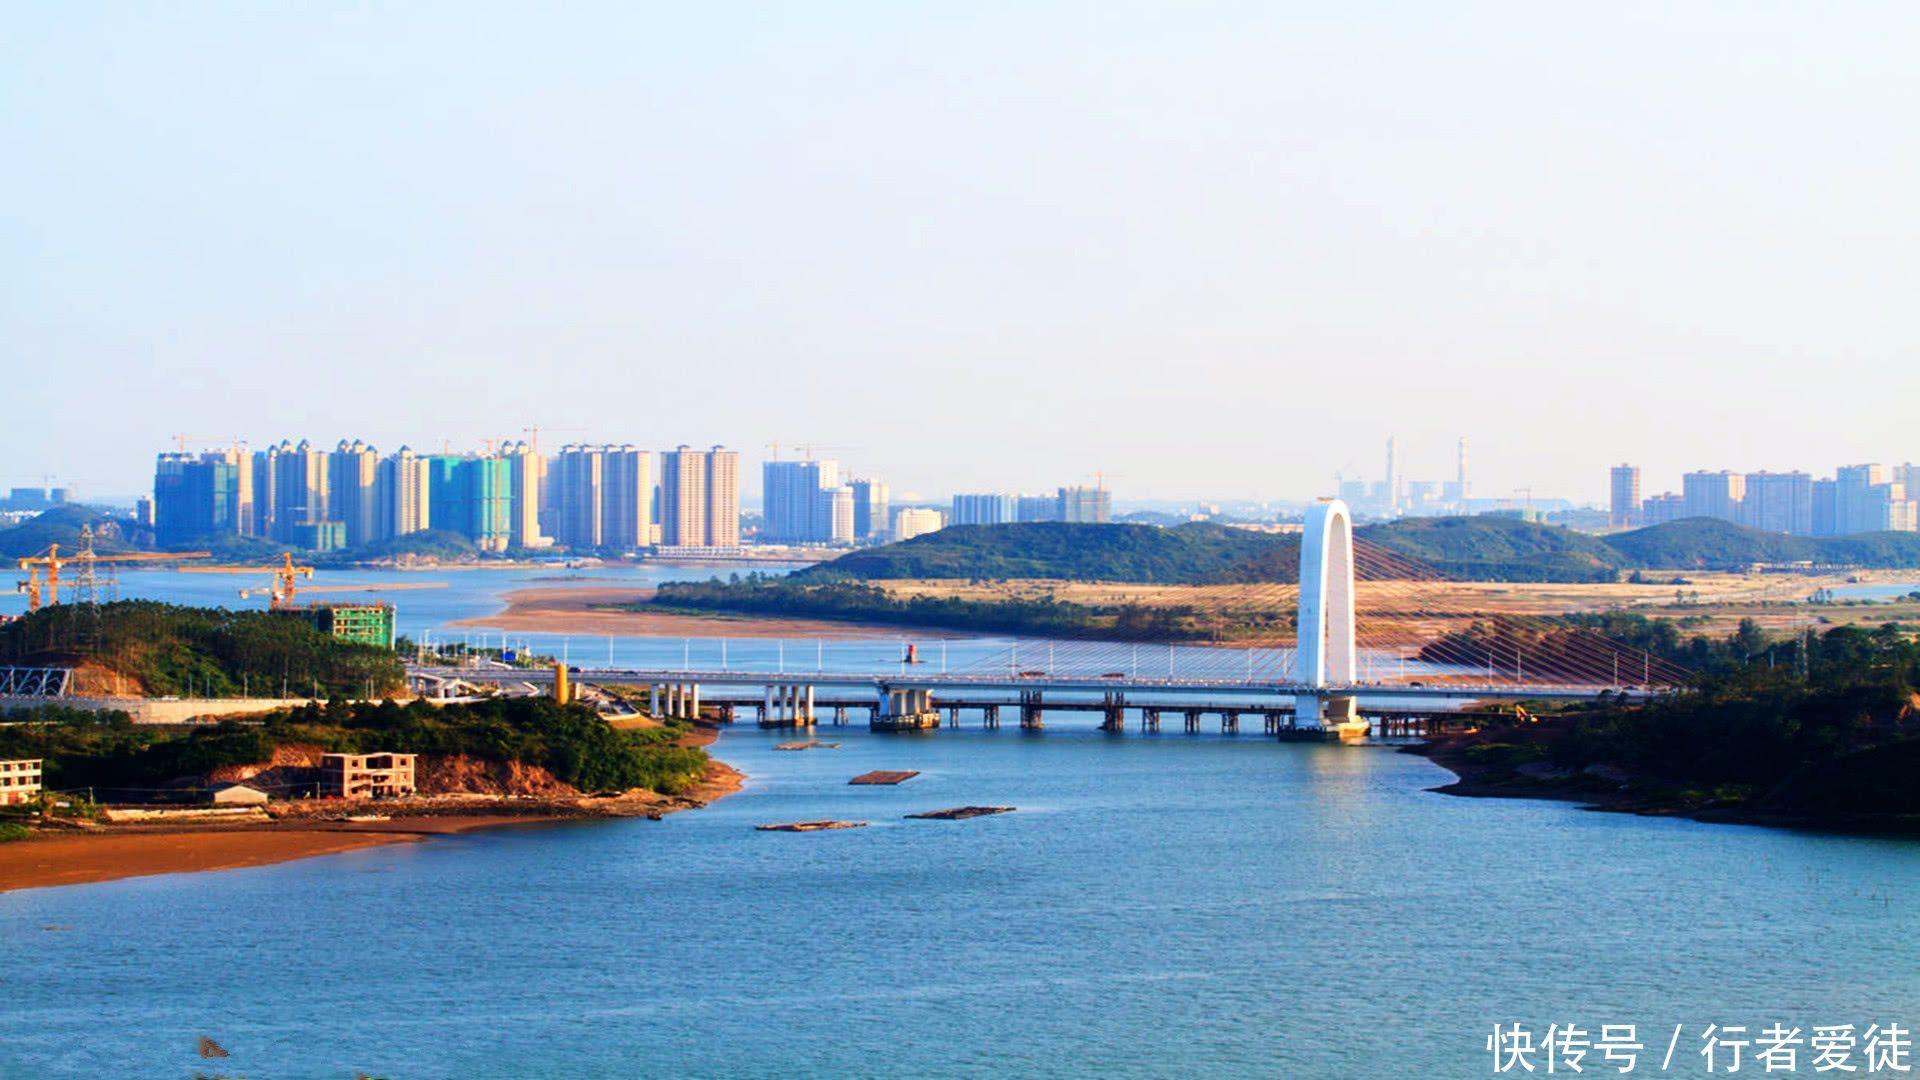 广西最富裕的城市,竟然不是南宁或柳州,更不是北海和桂林 广西,是西南地区最便捷的出海通道,在中国与东南亚的经济交往中占有重要地位。广西是中国东盟博览会的举办地。此次,我们主要盘点广西14个主要城市,并从富裕程度方面将其仔细分析。众所周知,经济实力可参考地区生产总值的数据,而富裕程度可参考人均地区生产总值。诸如中国香港的GDP总量高于中国澳门,但因澳门的人均GDP高于香港。我们大可说香港的经济实力强于澳门,但澳门的富裕程度高于香港。  在广西各市中,南宁为第一强市,其GDP总量为4118亿元。柳州为第二强市